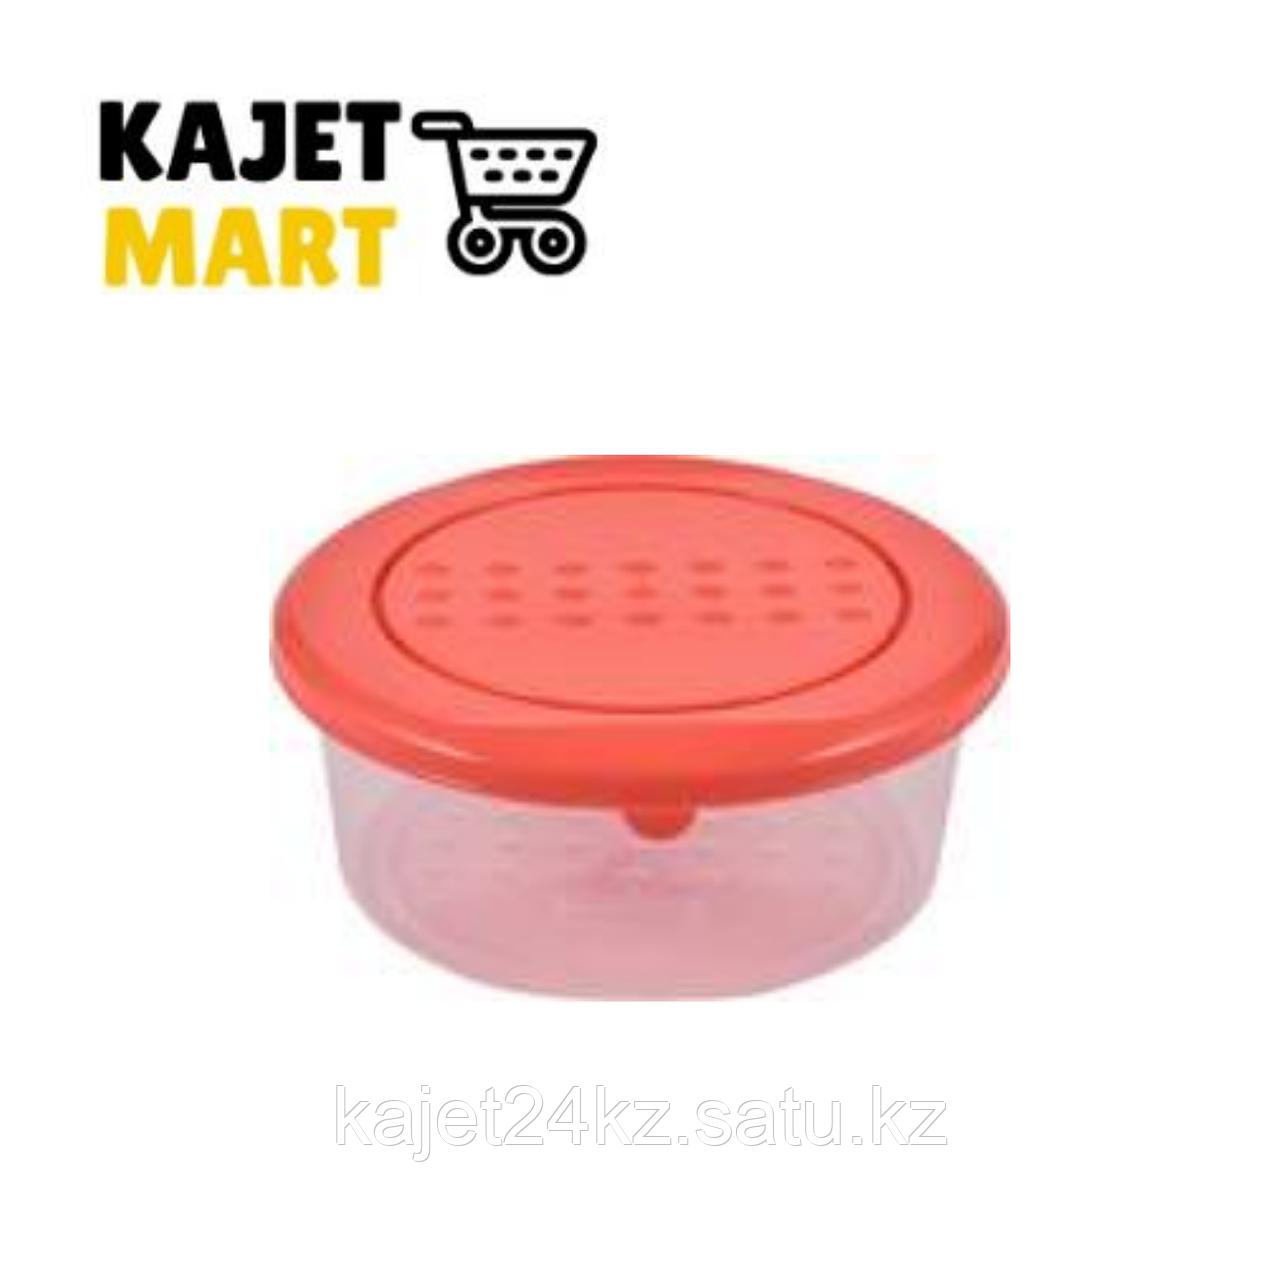 Емкость для хранения продуктов PATTERN круглая 0,5л коралловый